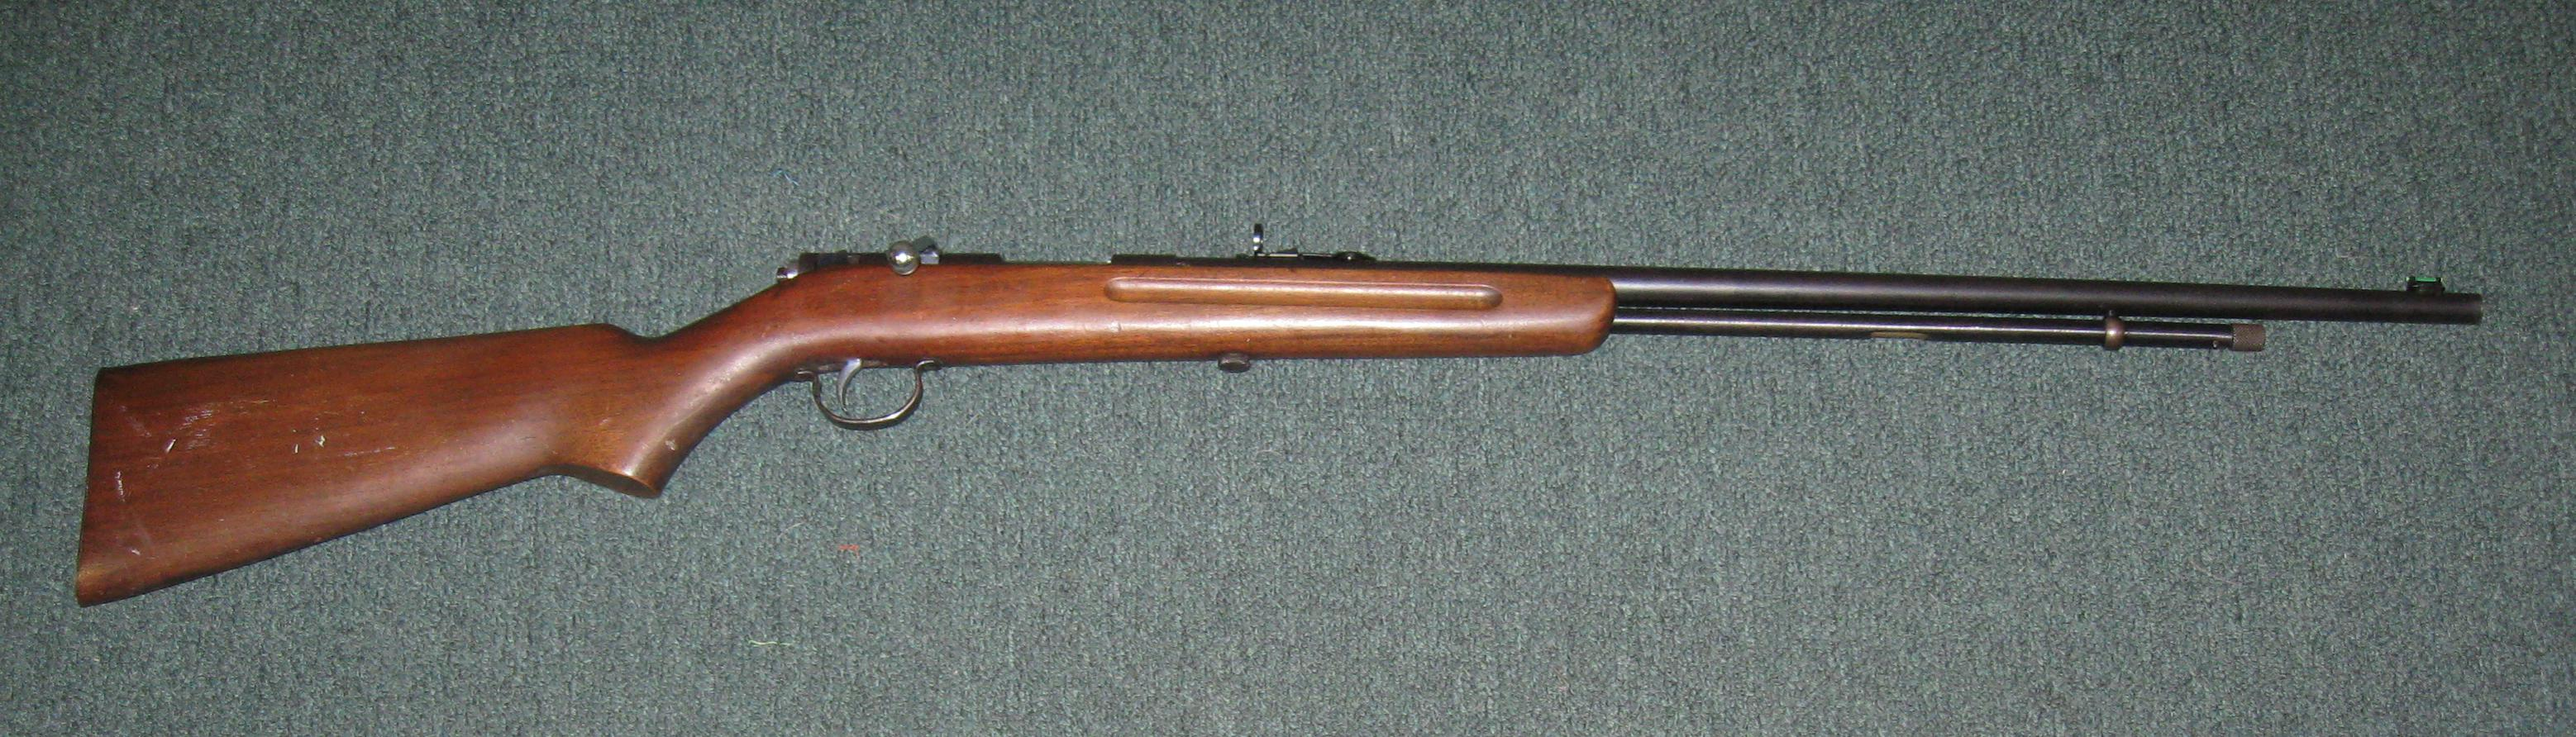 Name:  Remington 34.jpg Views: 32674 Size:  535.1 KB